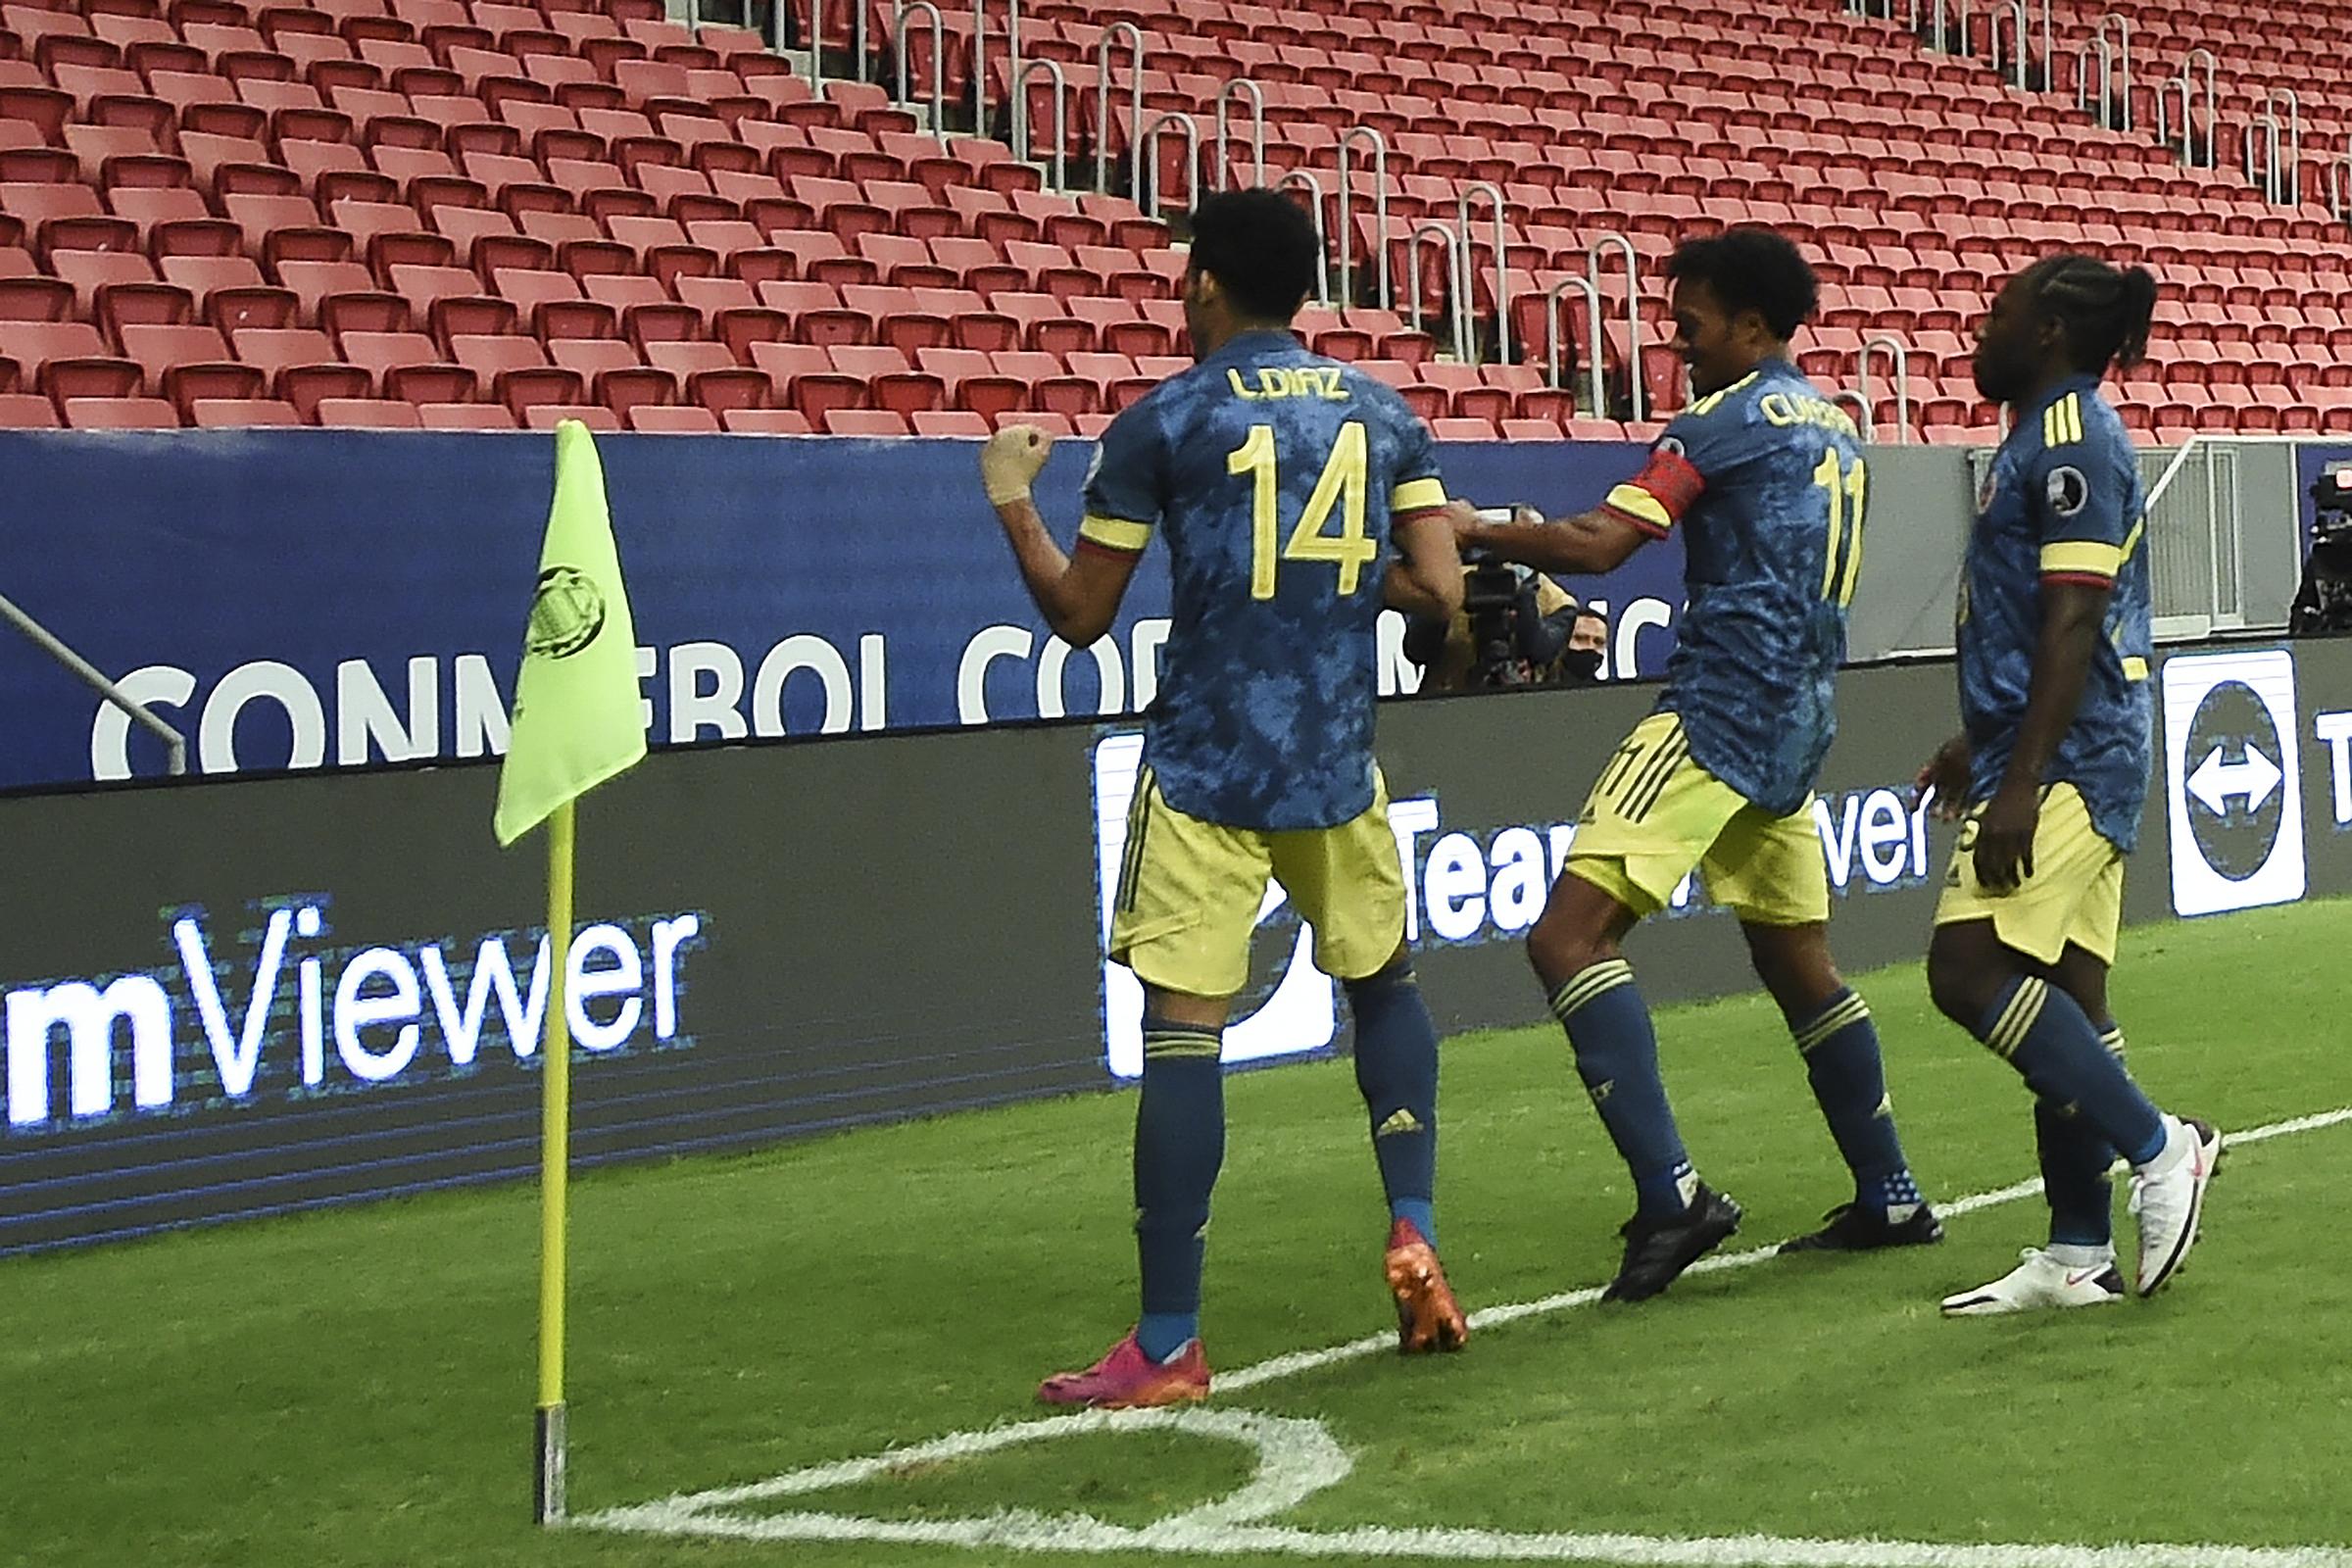 Cầu thủ Colombia mừng bàn thắng trước khán đài trống trong trận hạ Peru 3-2 ở trận tranh HC đồng hôm nay 10/7. Vắng khán giả được xem là một điểm trừ của Copa America 2021. Ảnh: CONMEBOL